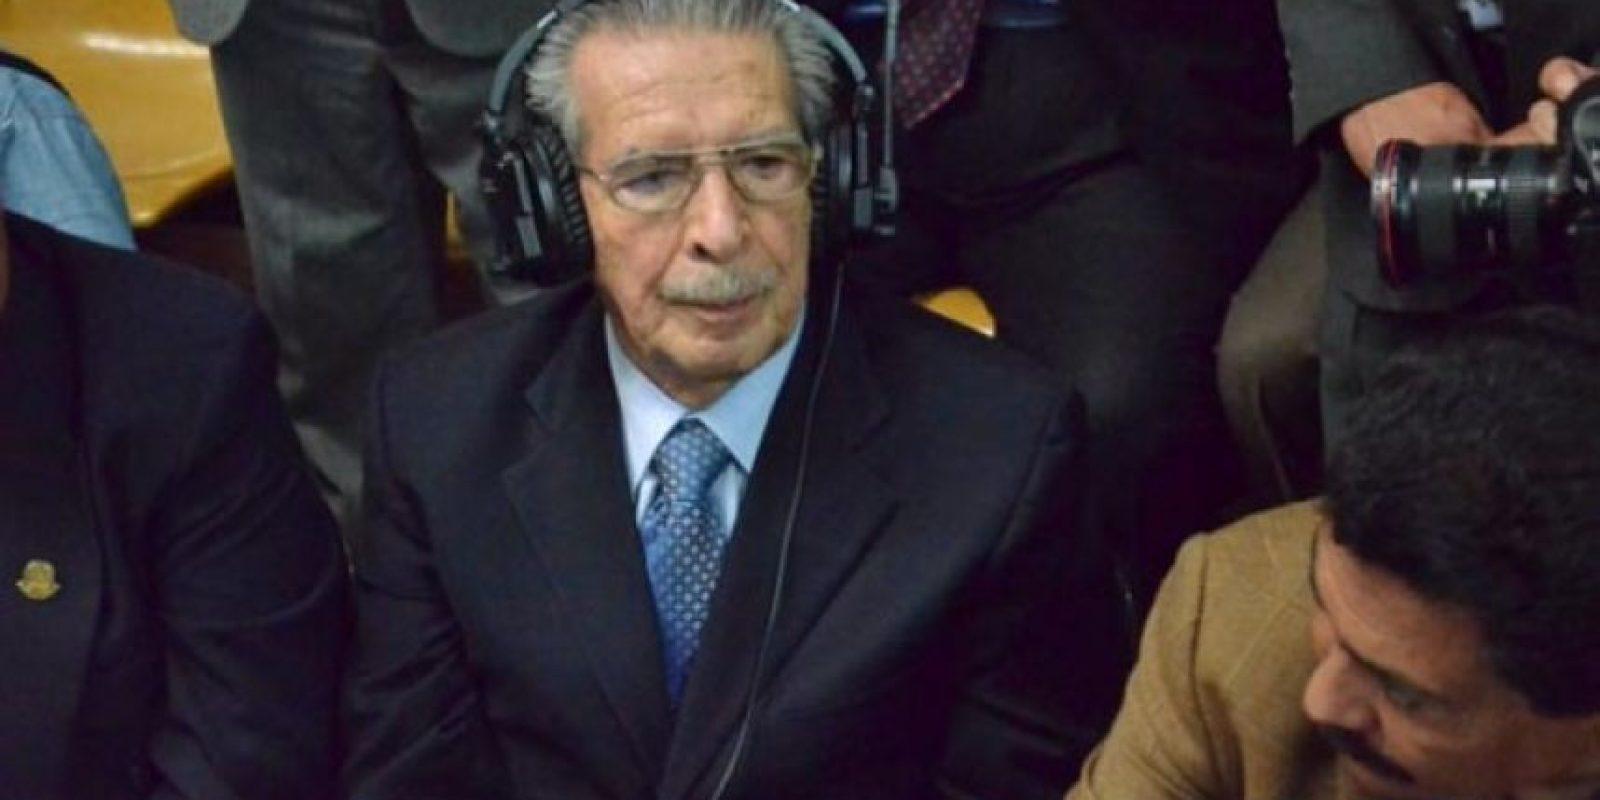 Al conocer la primera condena, Efraín Ríos Montt simplemente levantó las cejas, sin inmutarse. Foto:Juan José López Torres